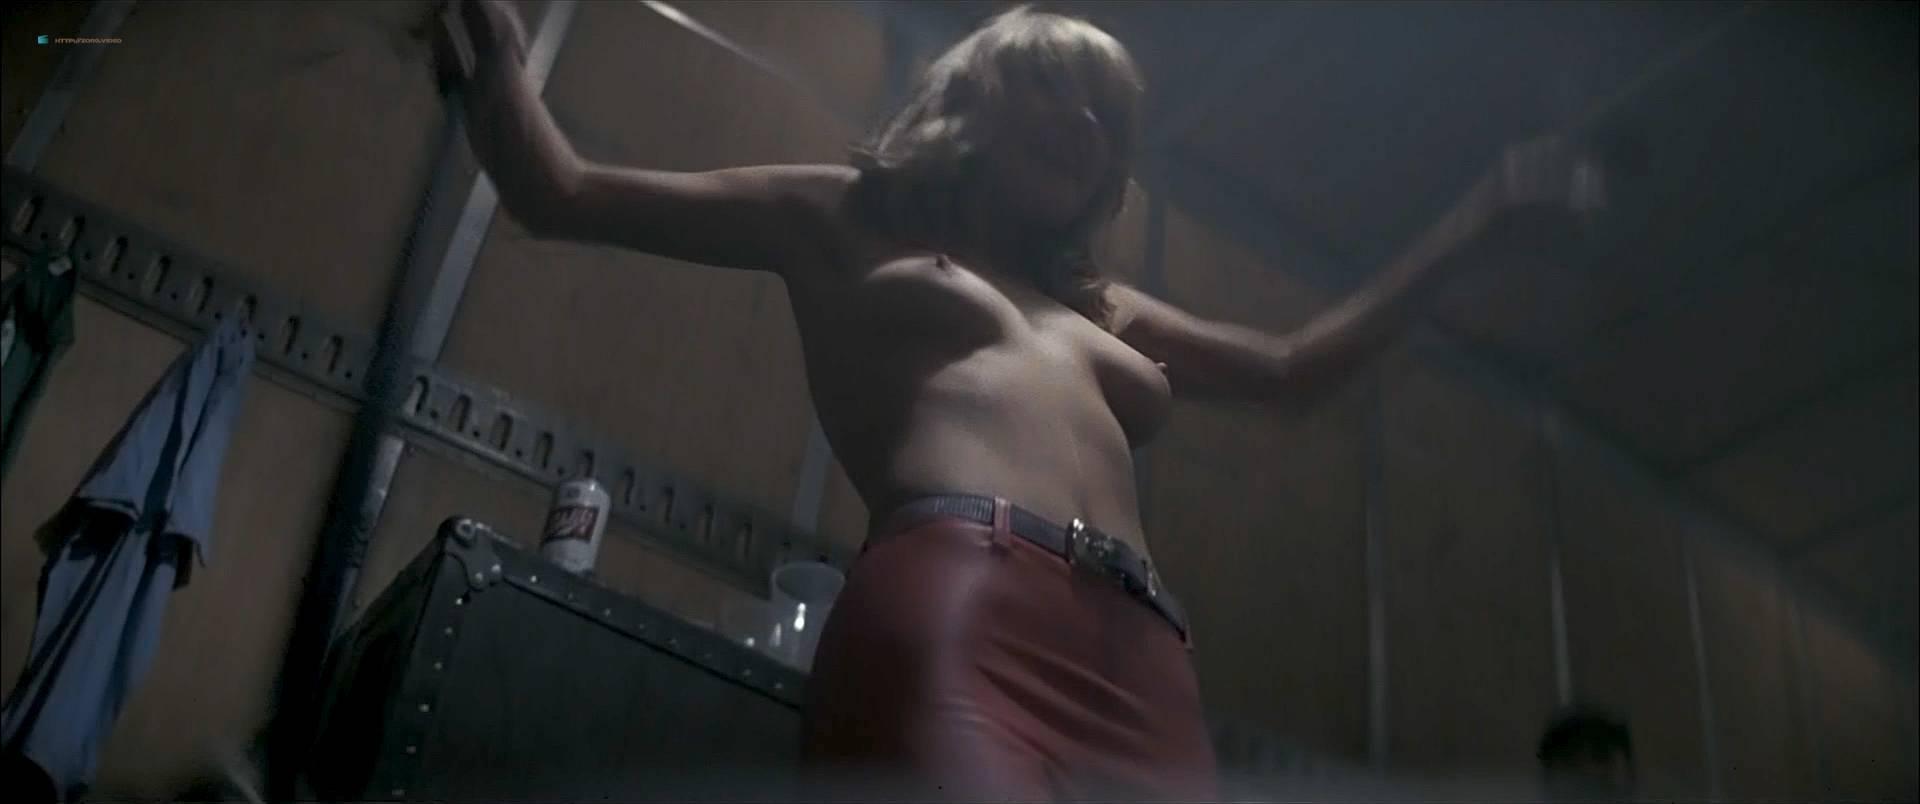 stripper porn galleries